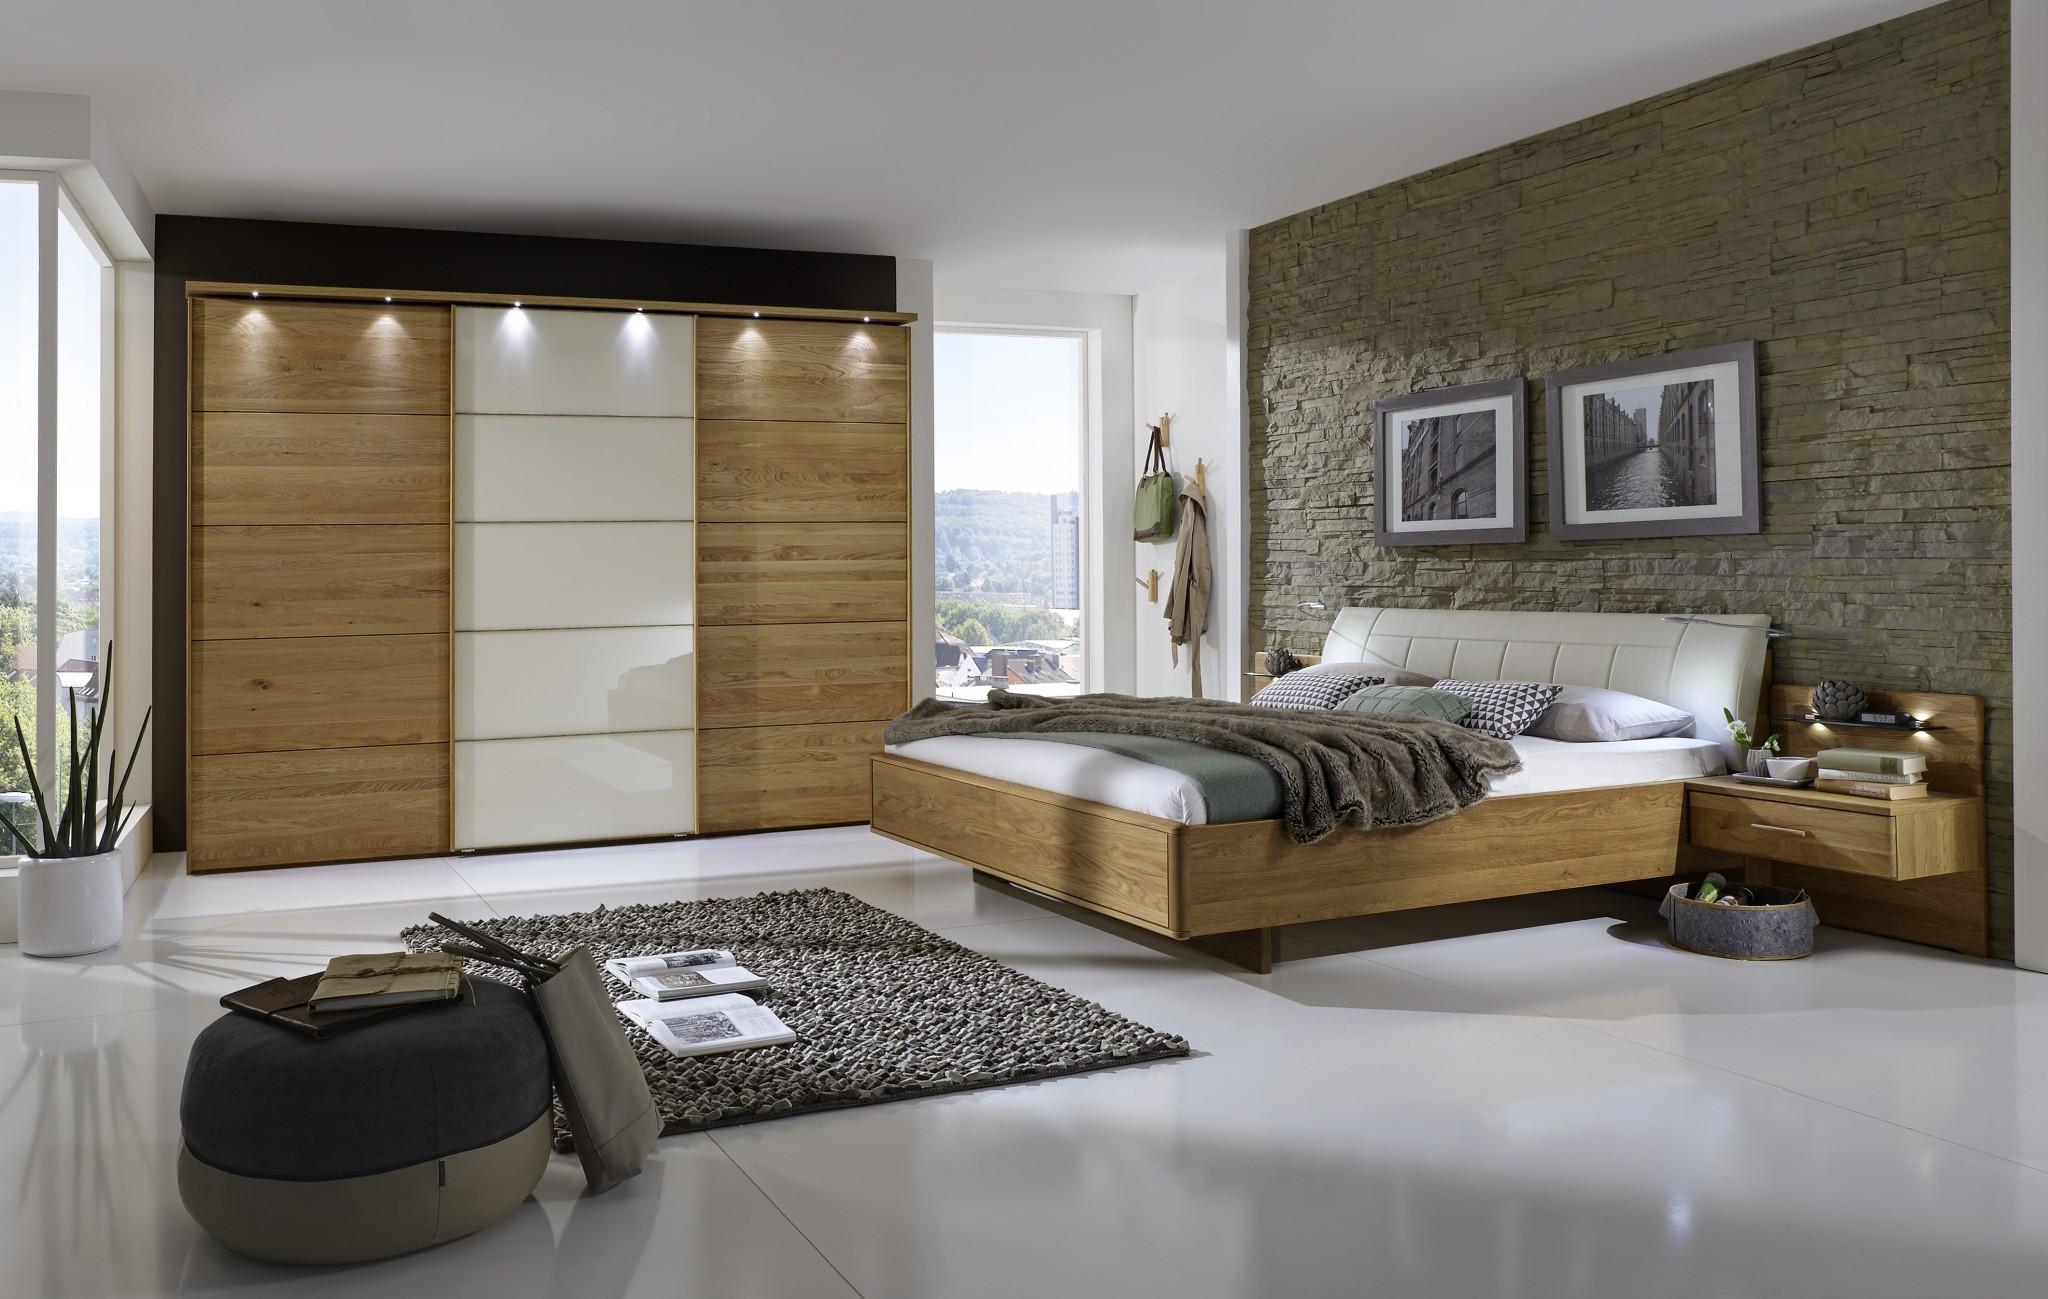 Schlafzimmer Massivholz Eiche. Schlafzimmer Dachschräge Feng Shui ...